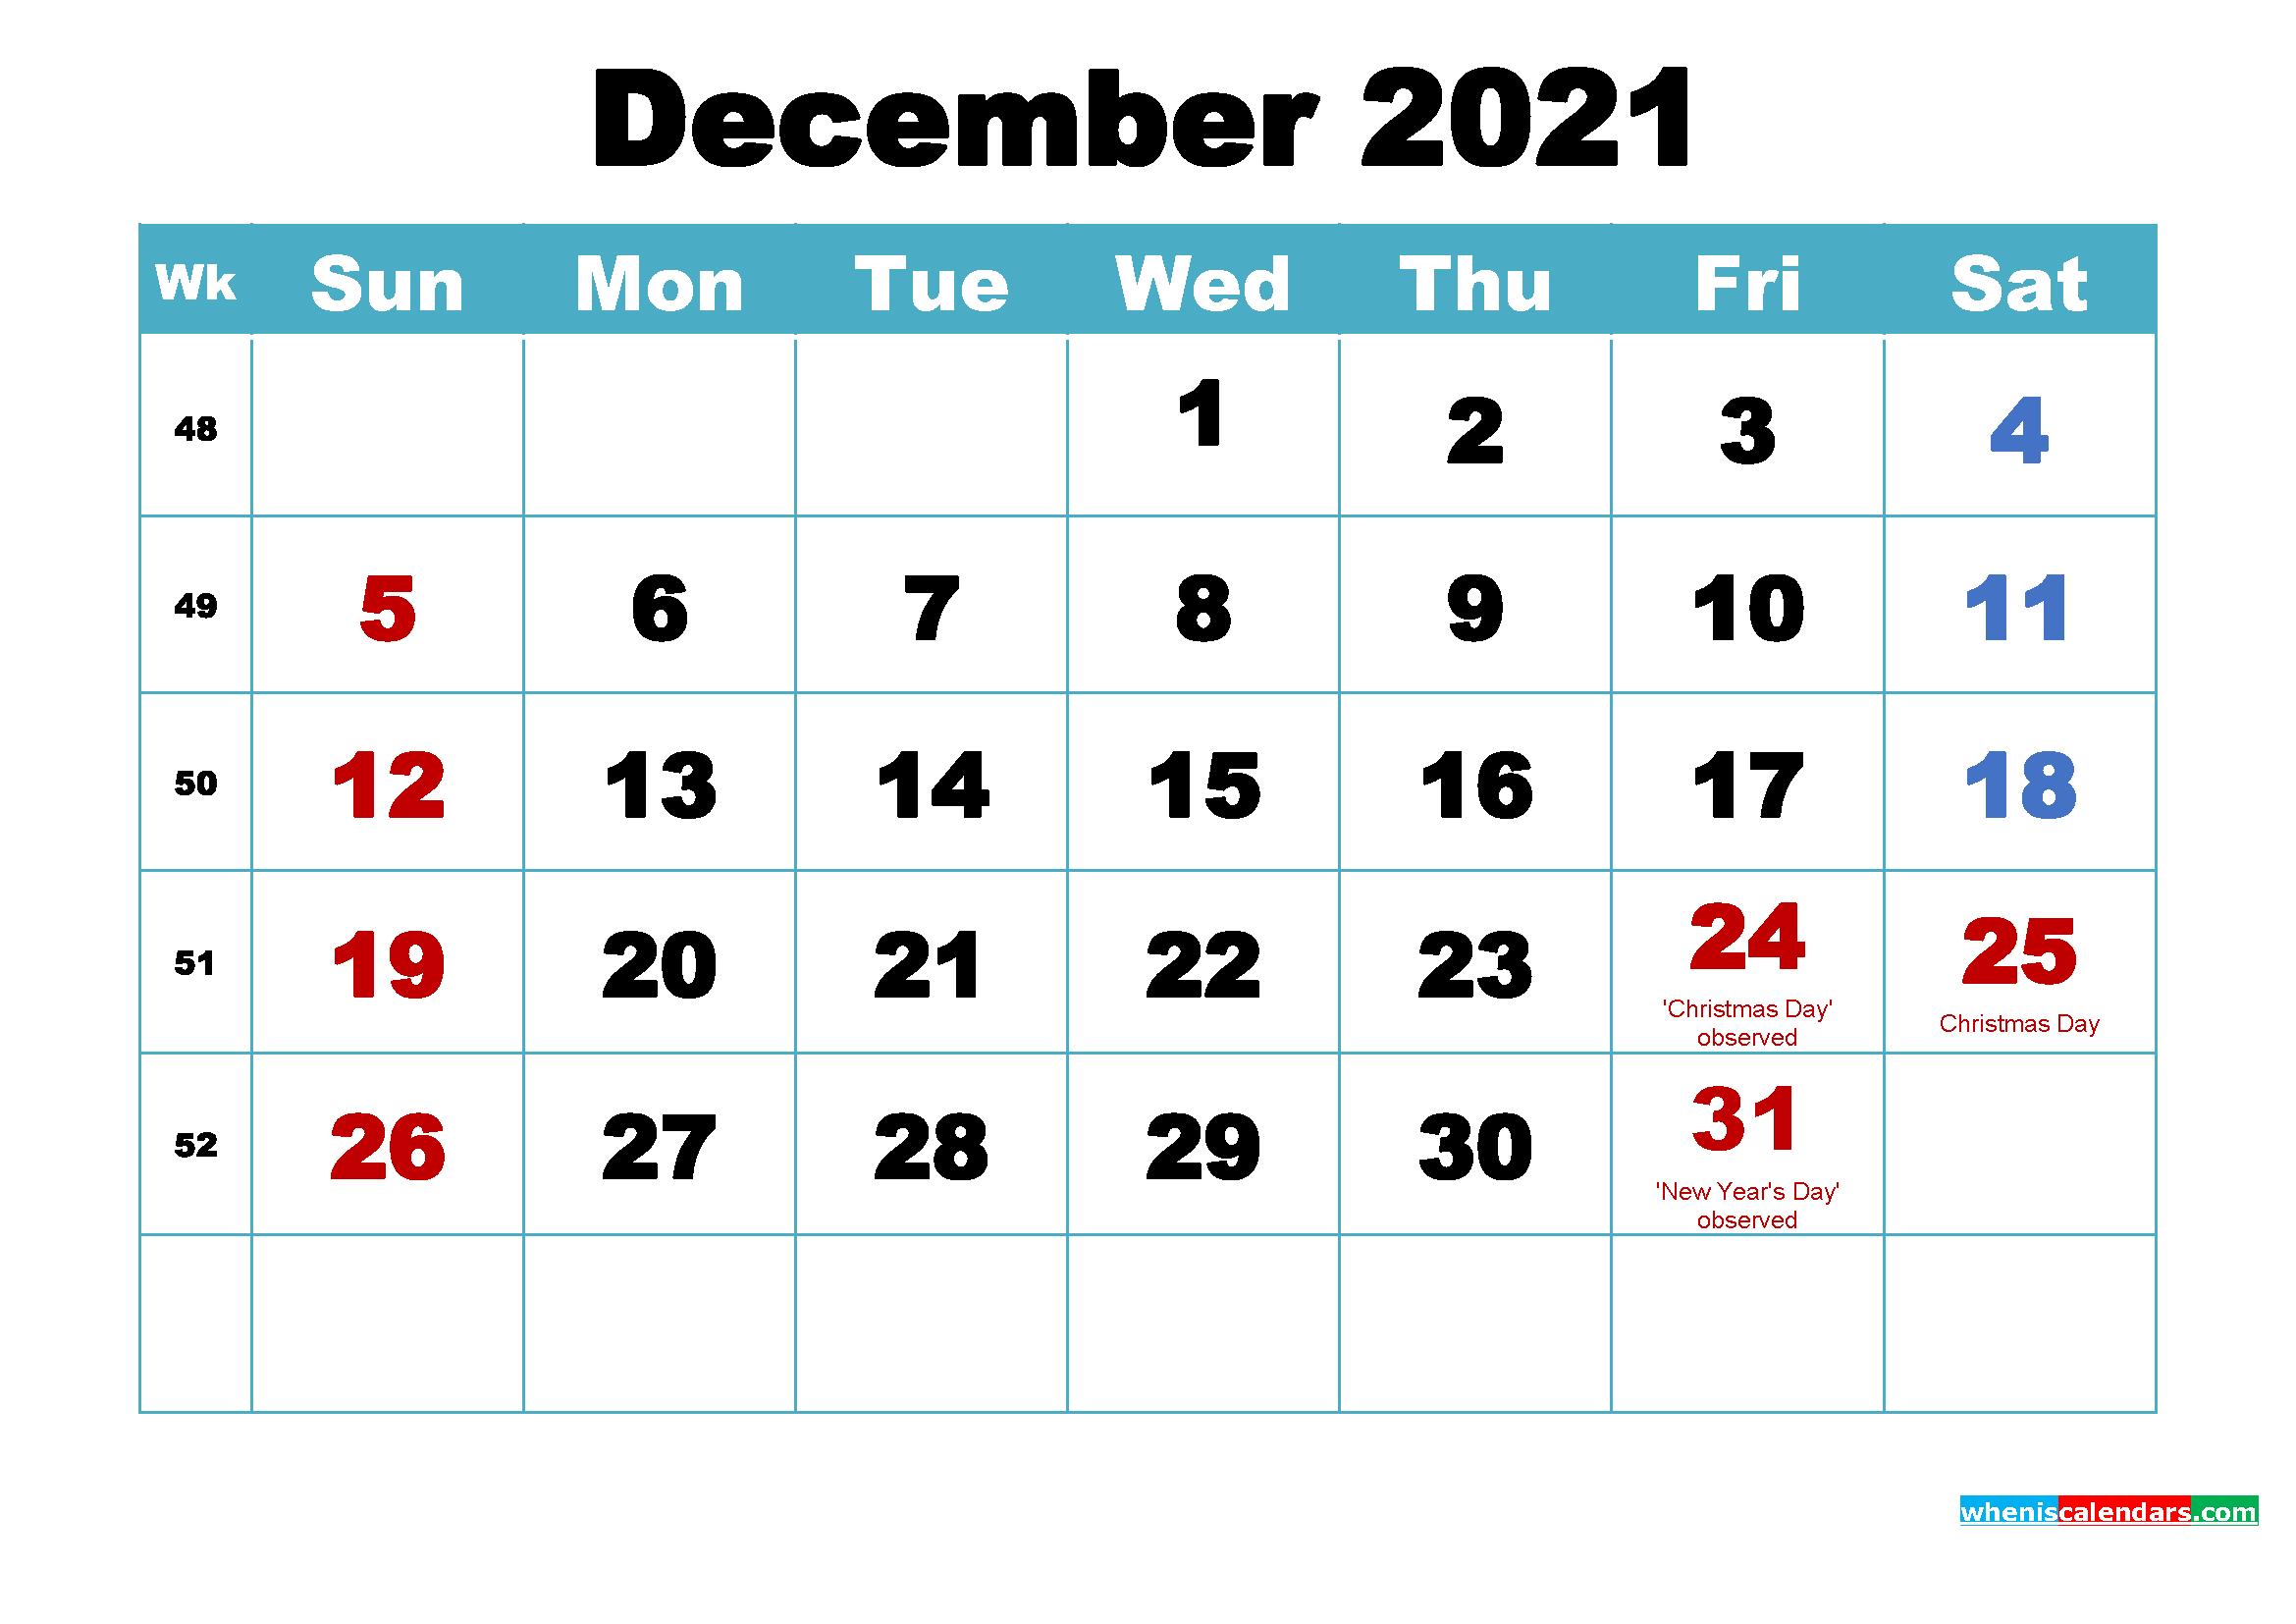 Printable December 2021 Calendar by Month